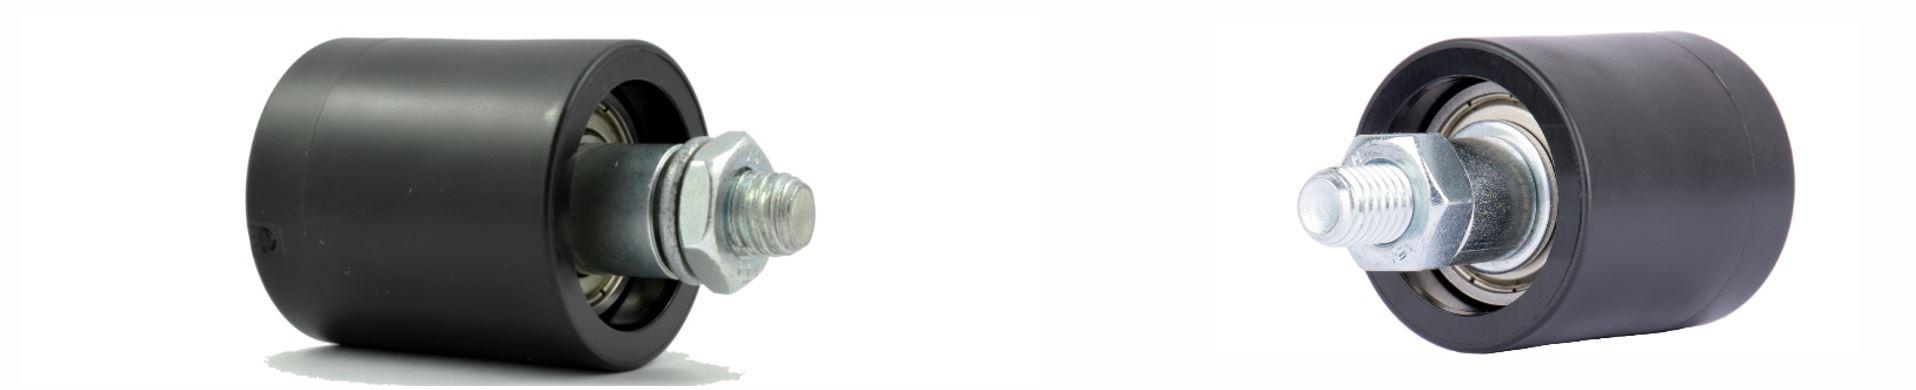 Banner poulie de tension pour système de courroie Poulie de tension pour système de courroie